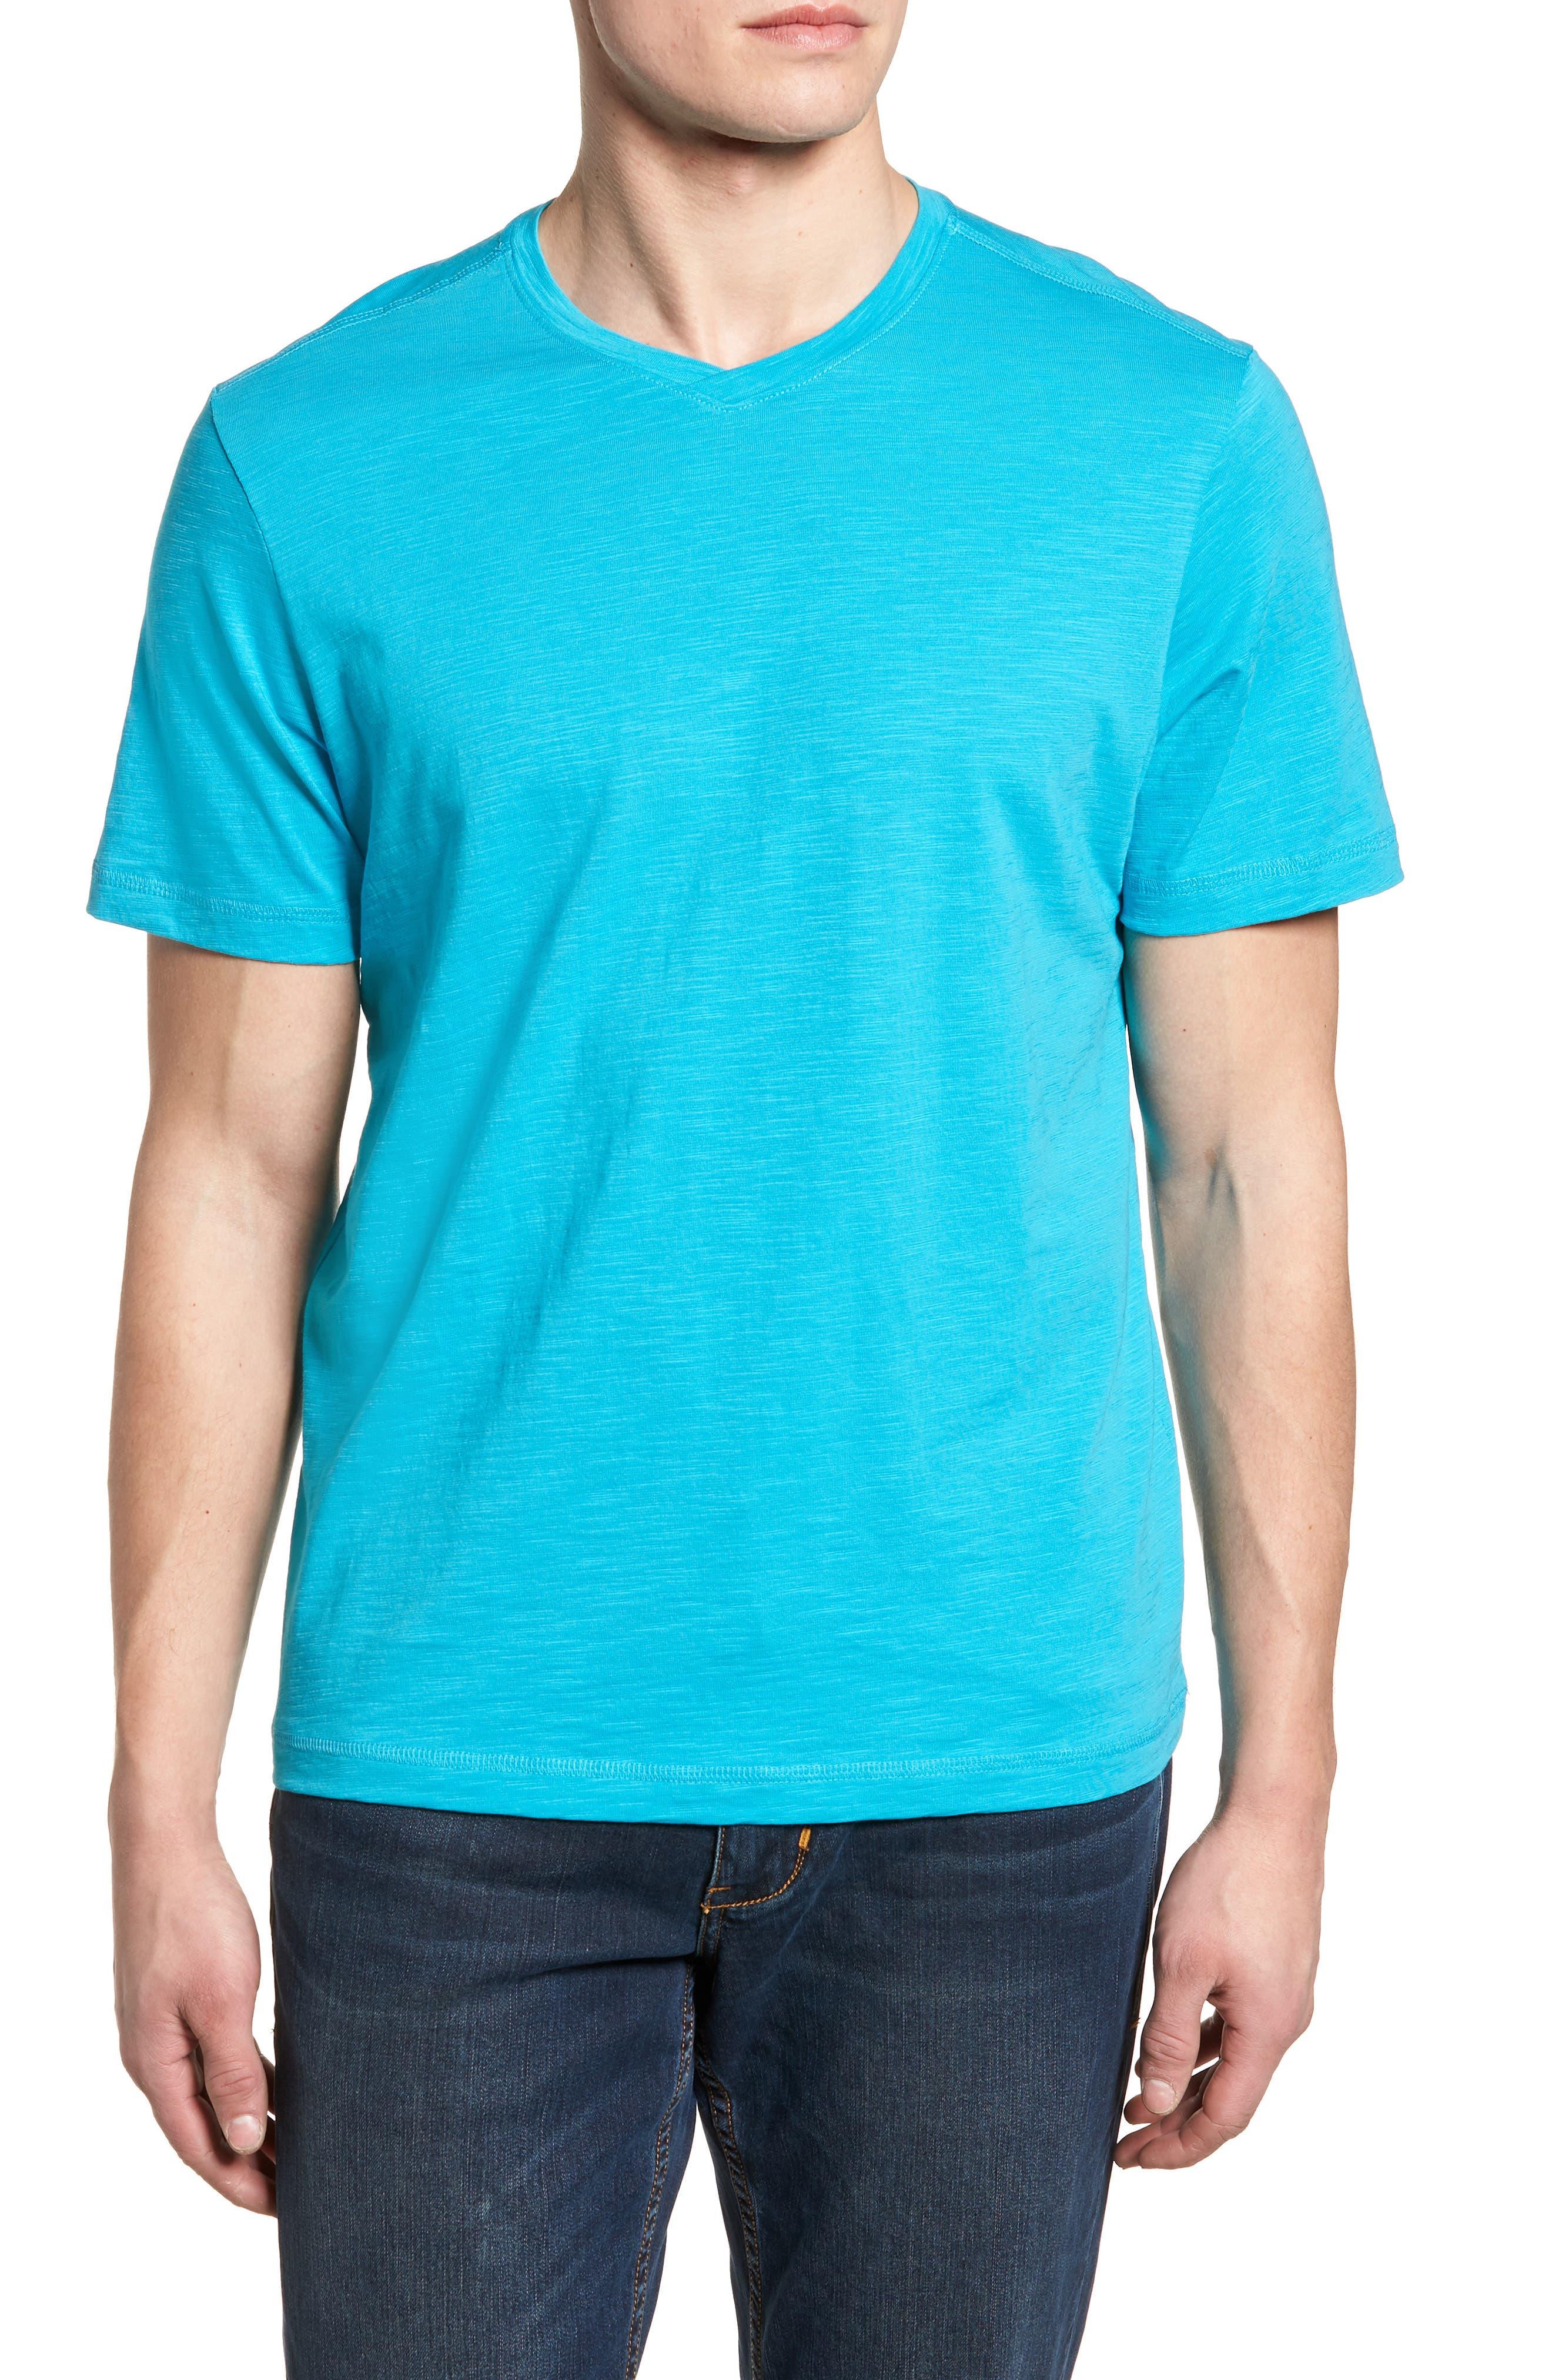 Portside Palms V-Neck T-Shirt,                             Main thumbnail 6, color,